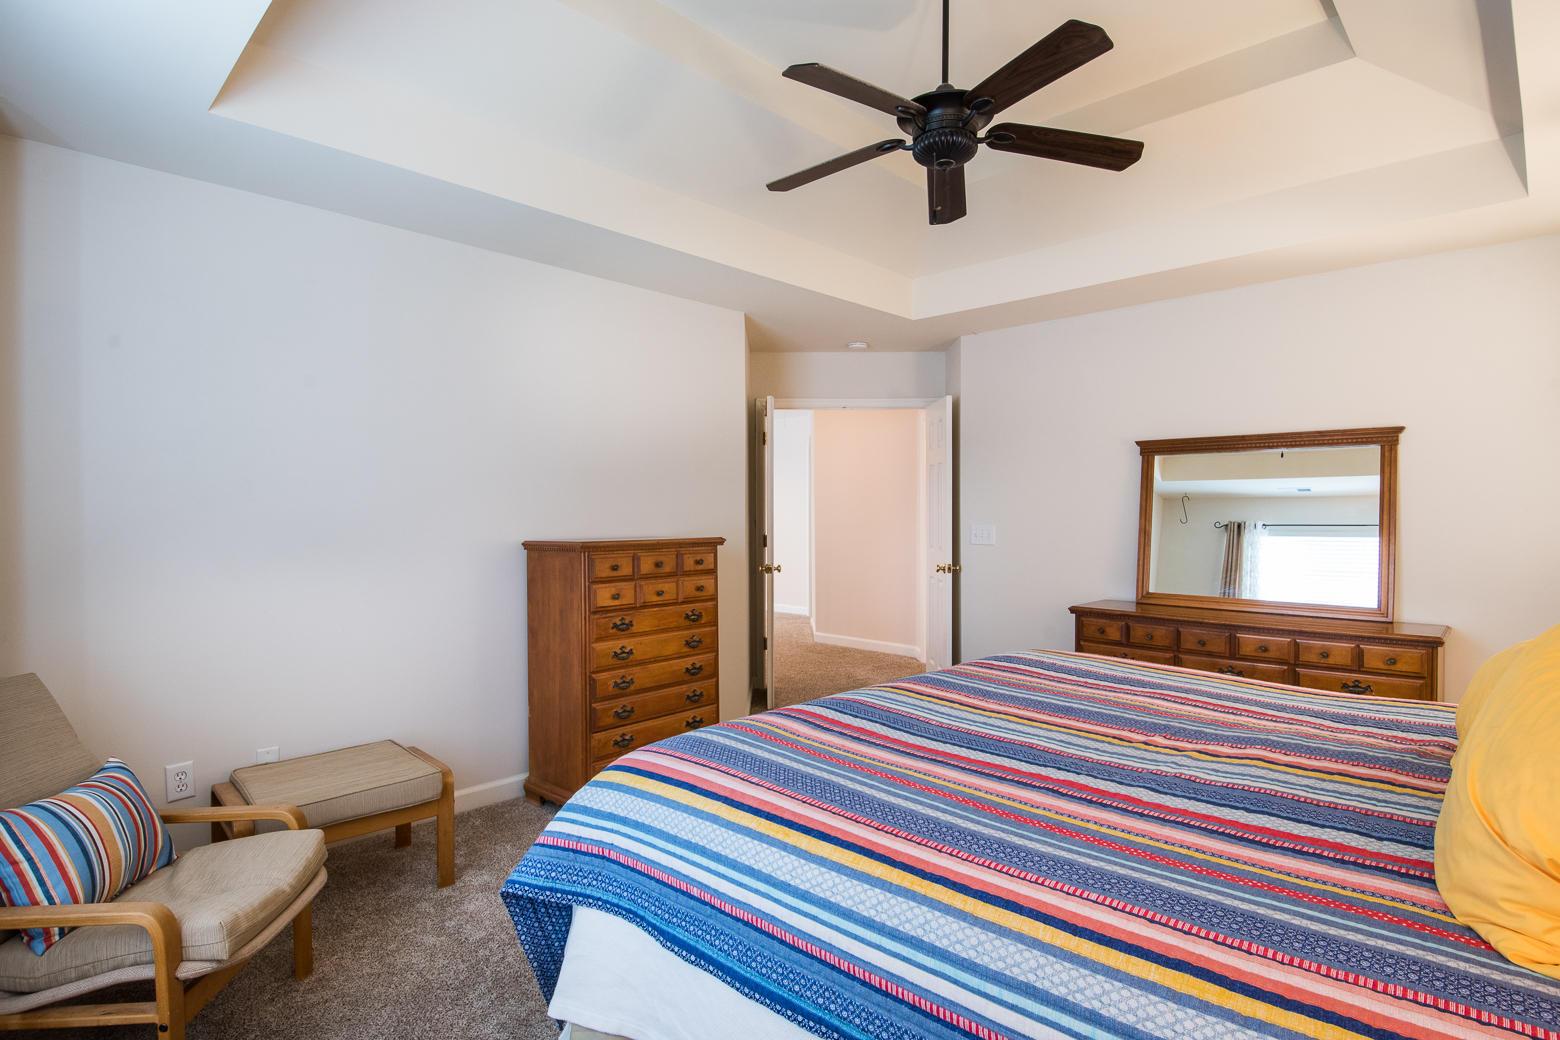 Dunes West Homes For Sale - 1111 Black Rush, Mount Pleasant, SC - 43